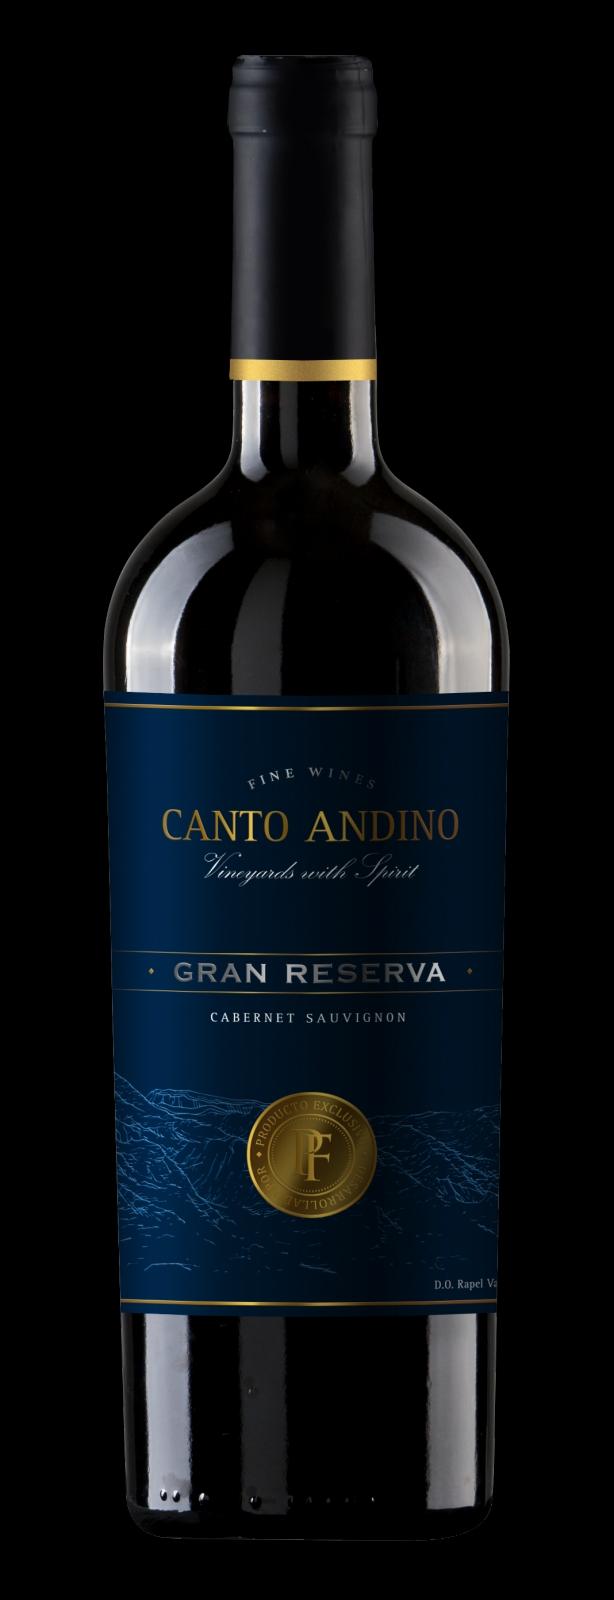 PUNTI FERRER CANTO ANDINO GRAND RERSERVA CABERNET SAUVIGON 0.75l